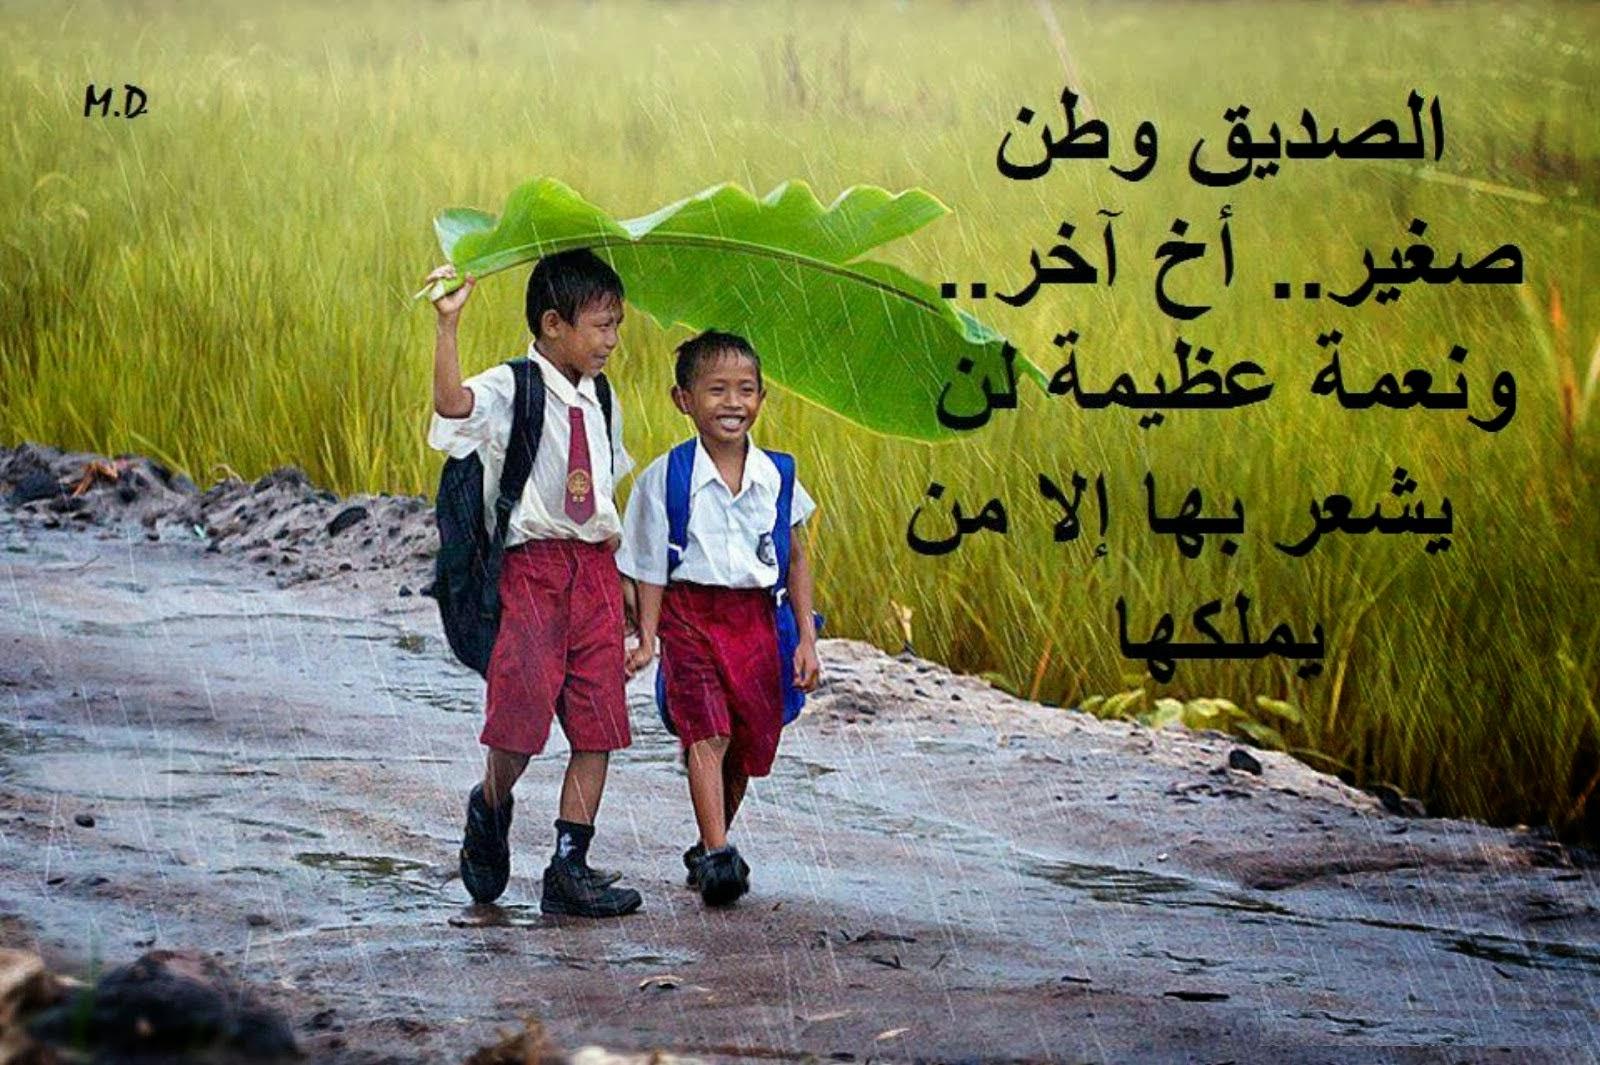 بالصور كلام عن الصديق الحقيقي , كلمات لصديقي العزيز 1108